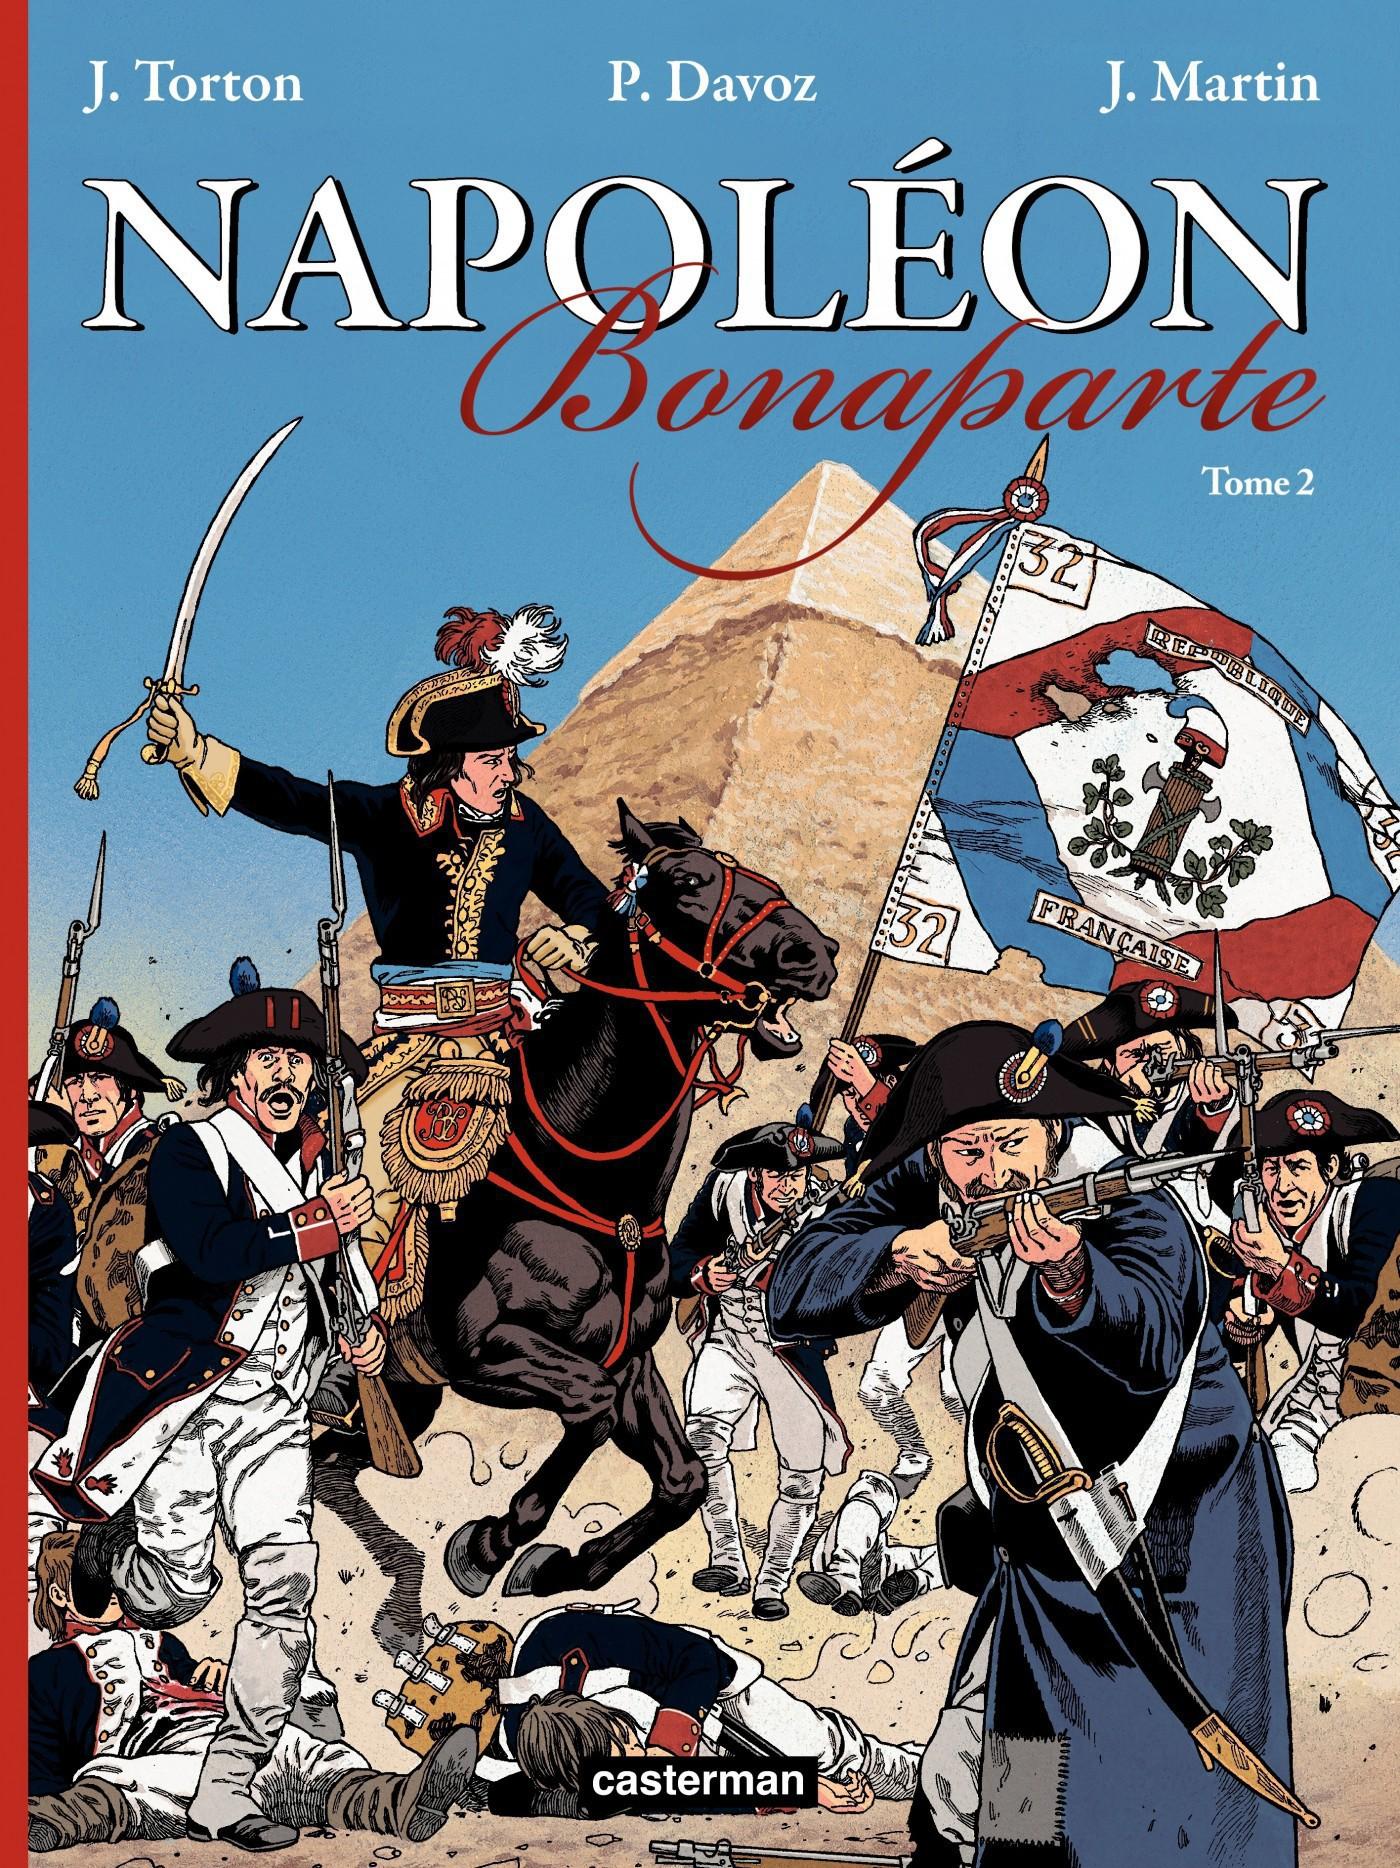 Napoléon Bonaparte (Tome 2)